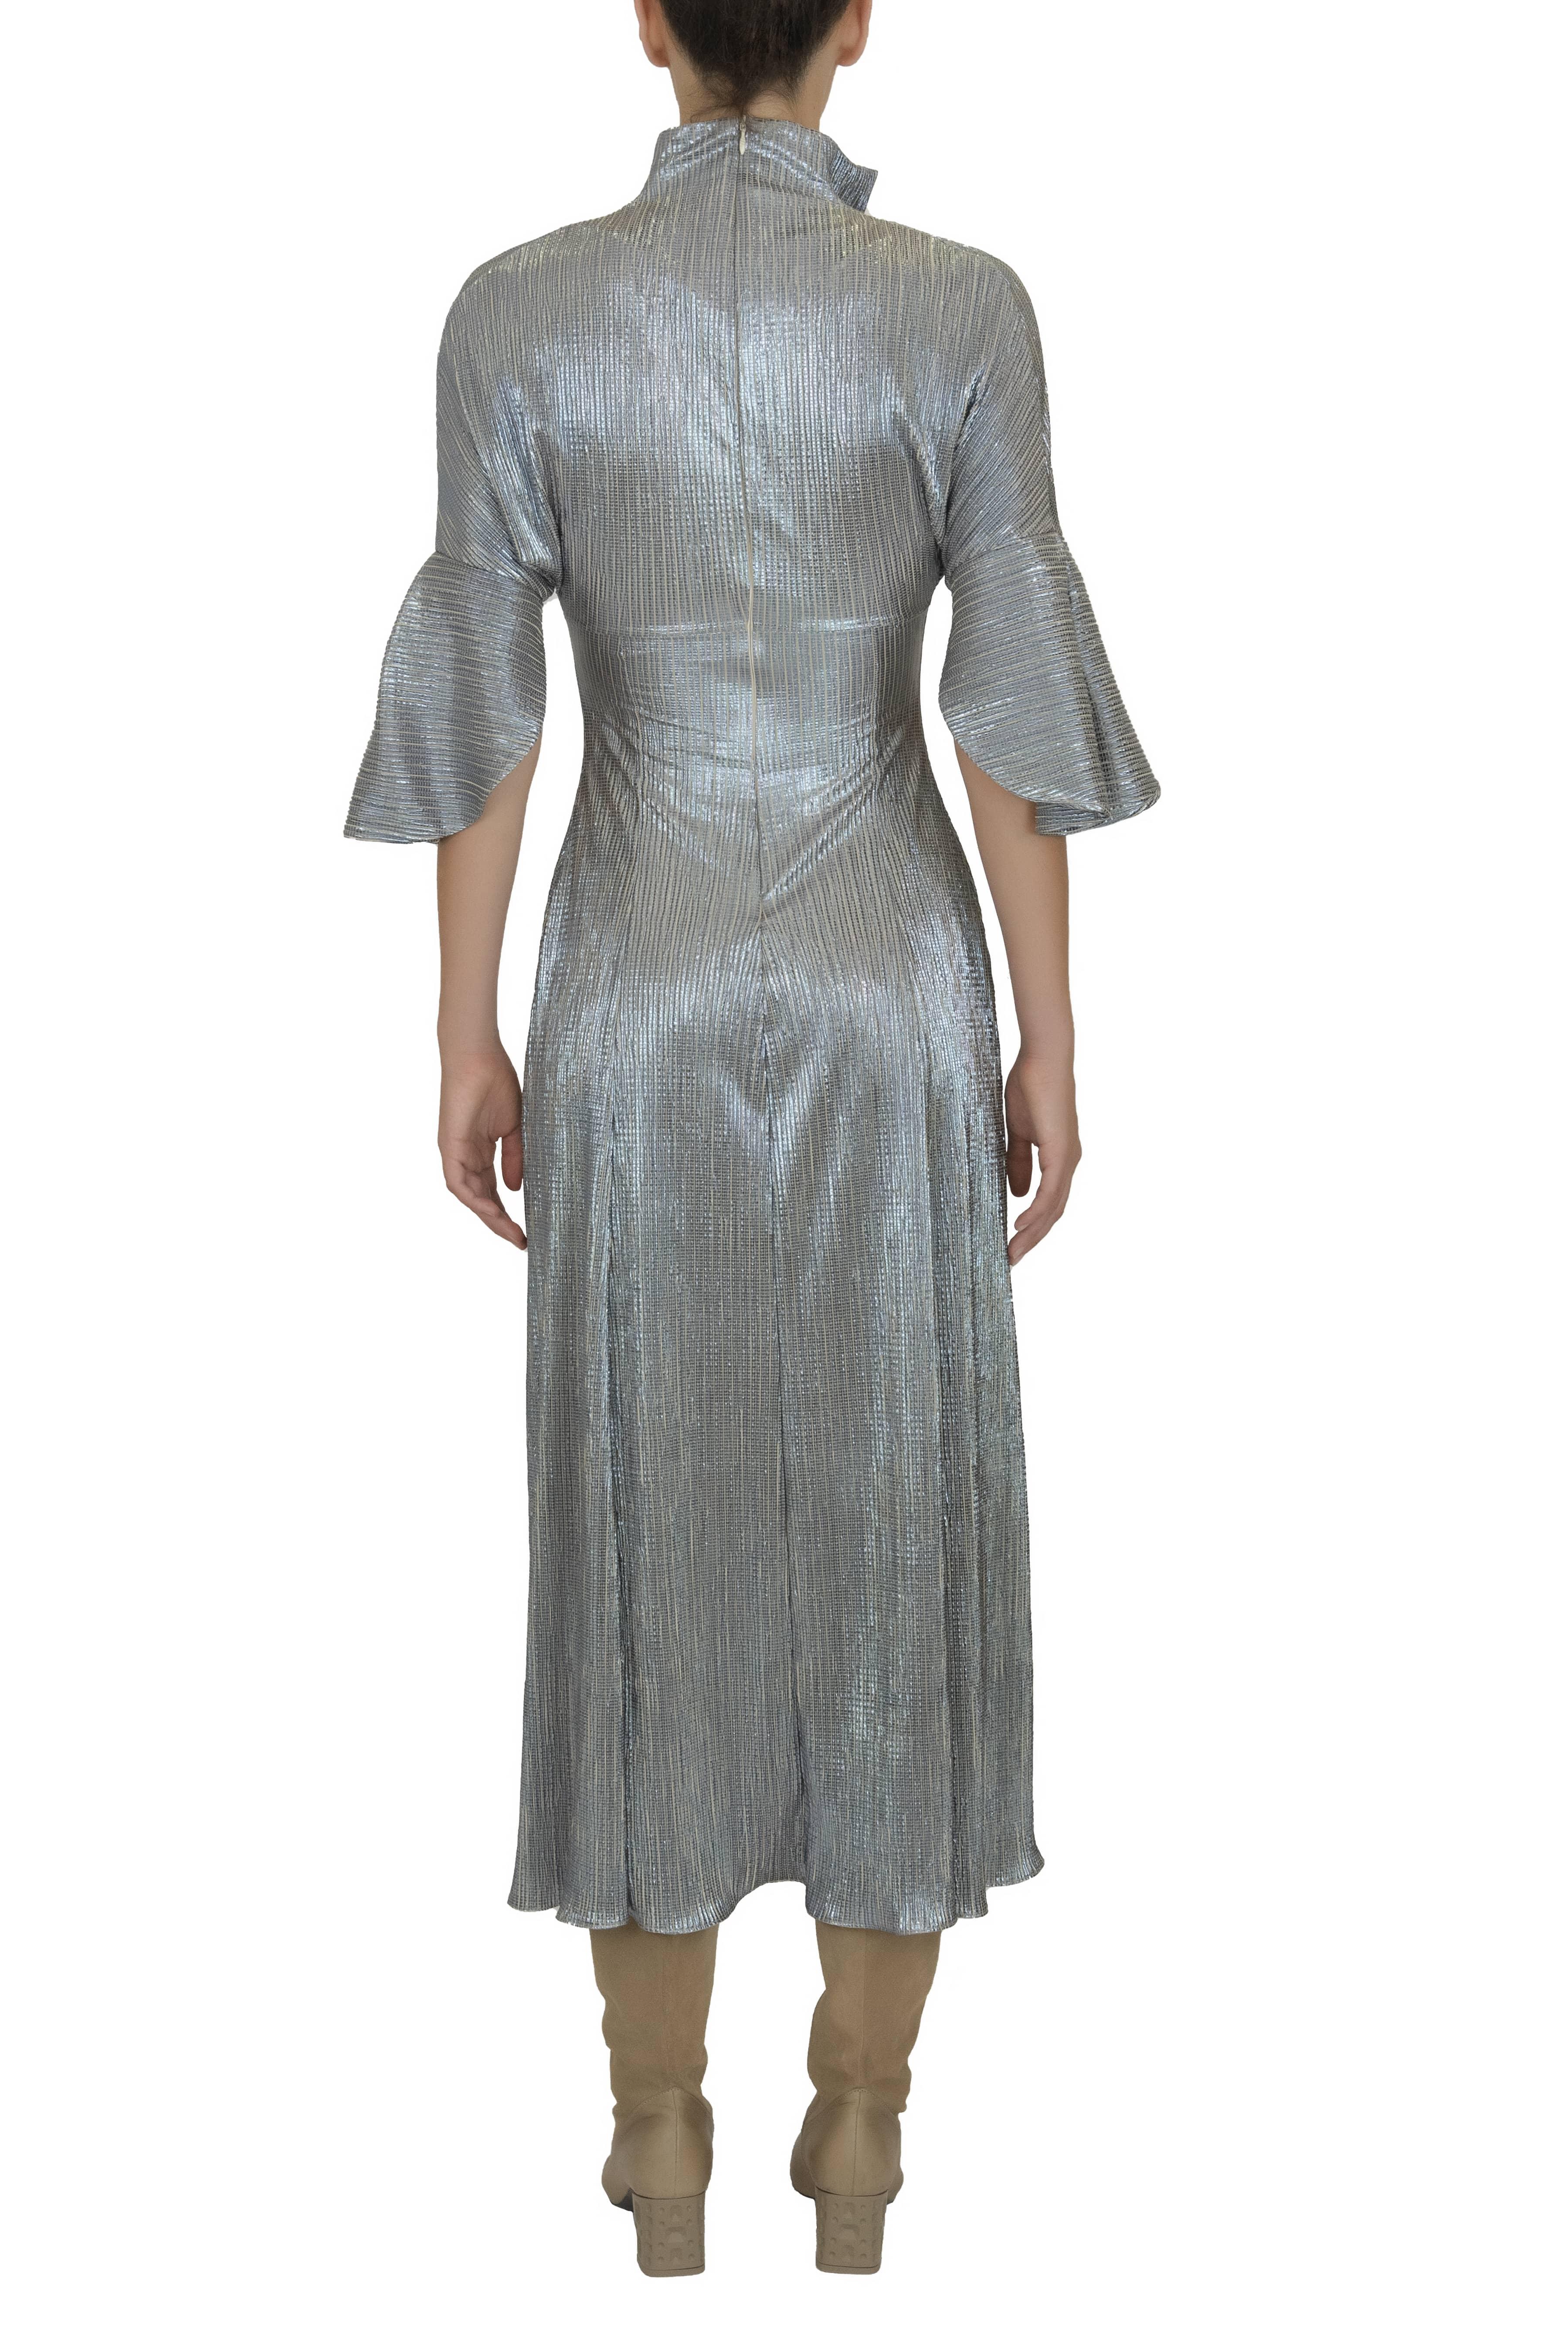 Vestido HOKKAIDO 2